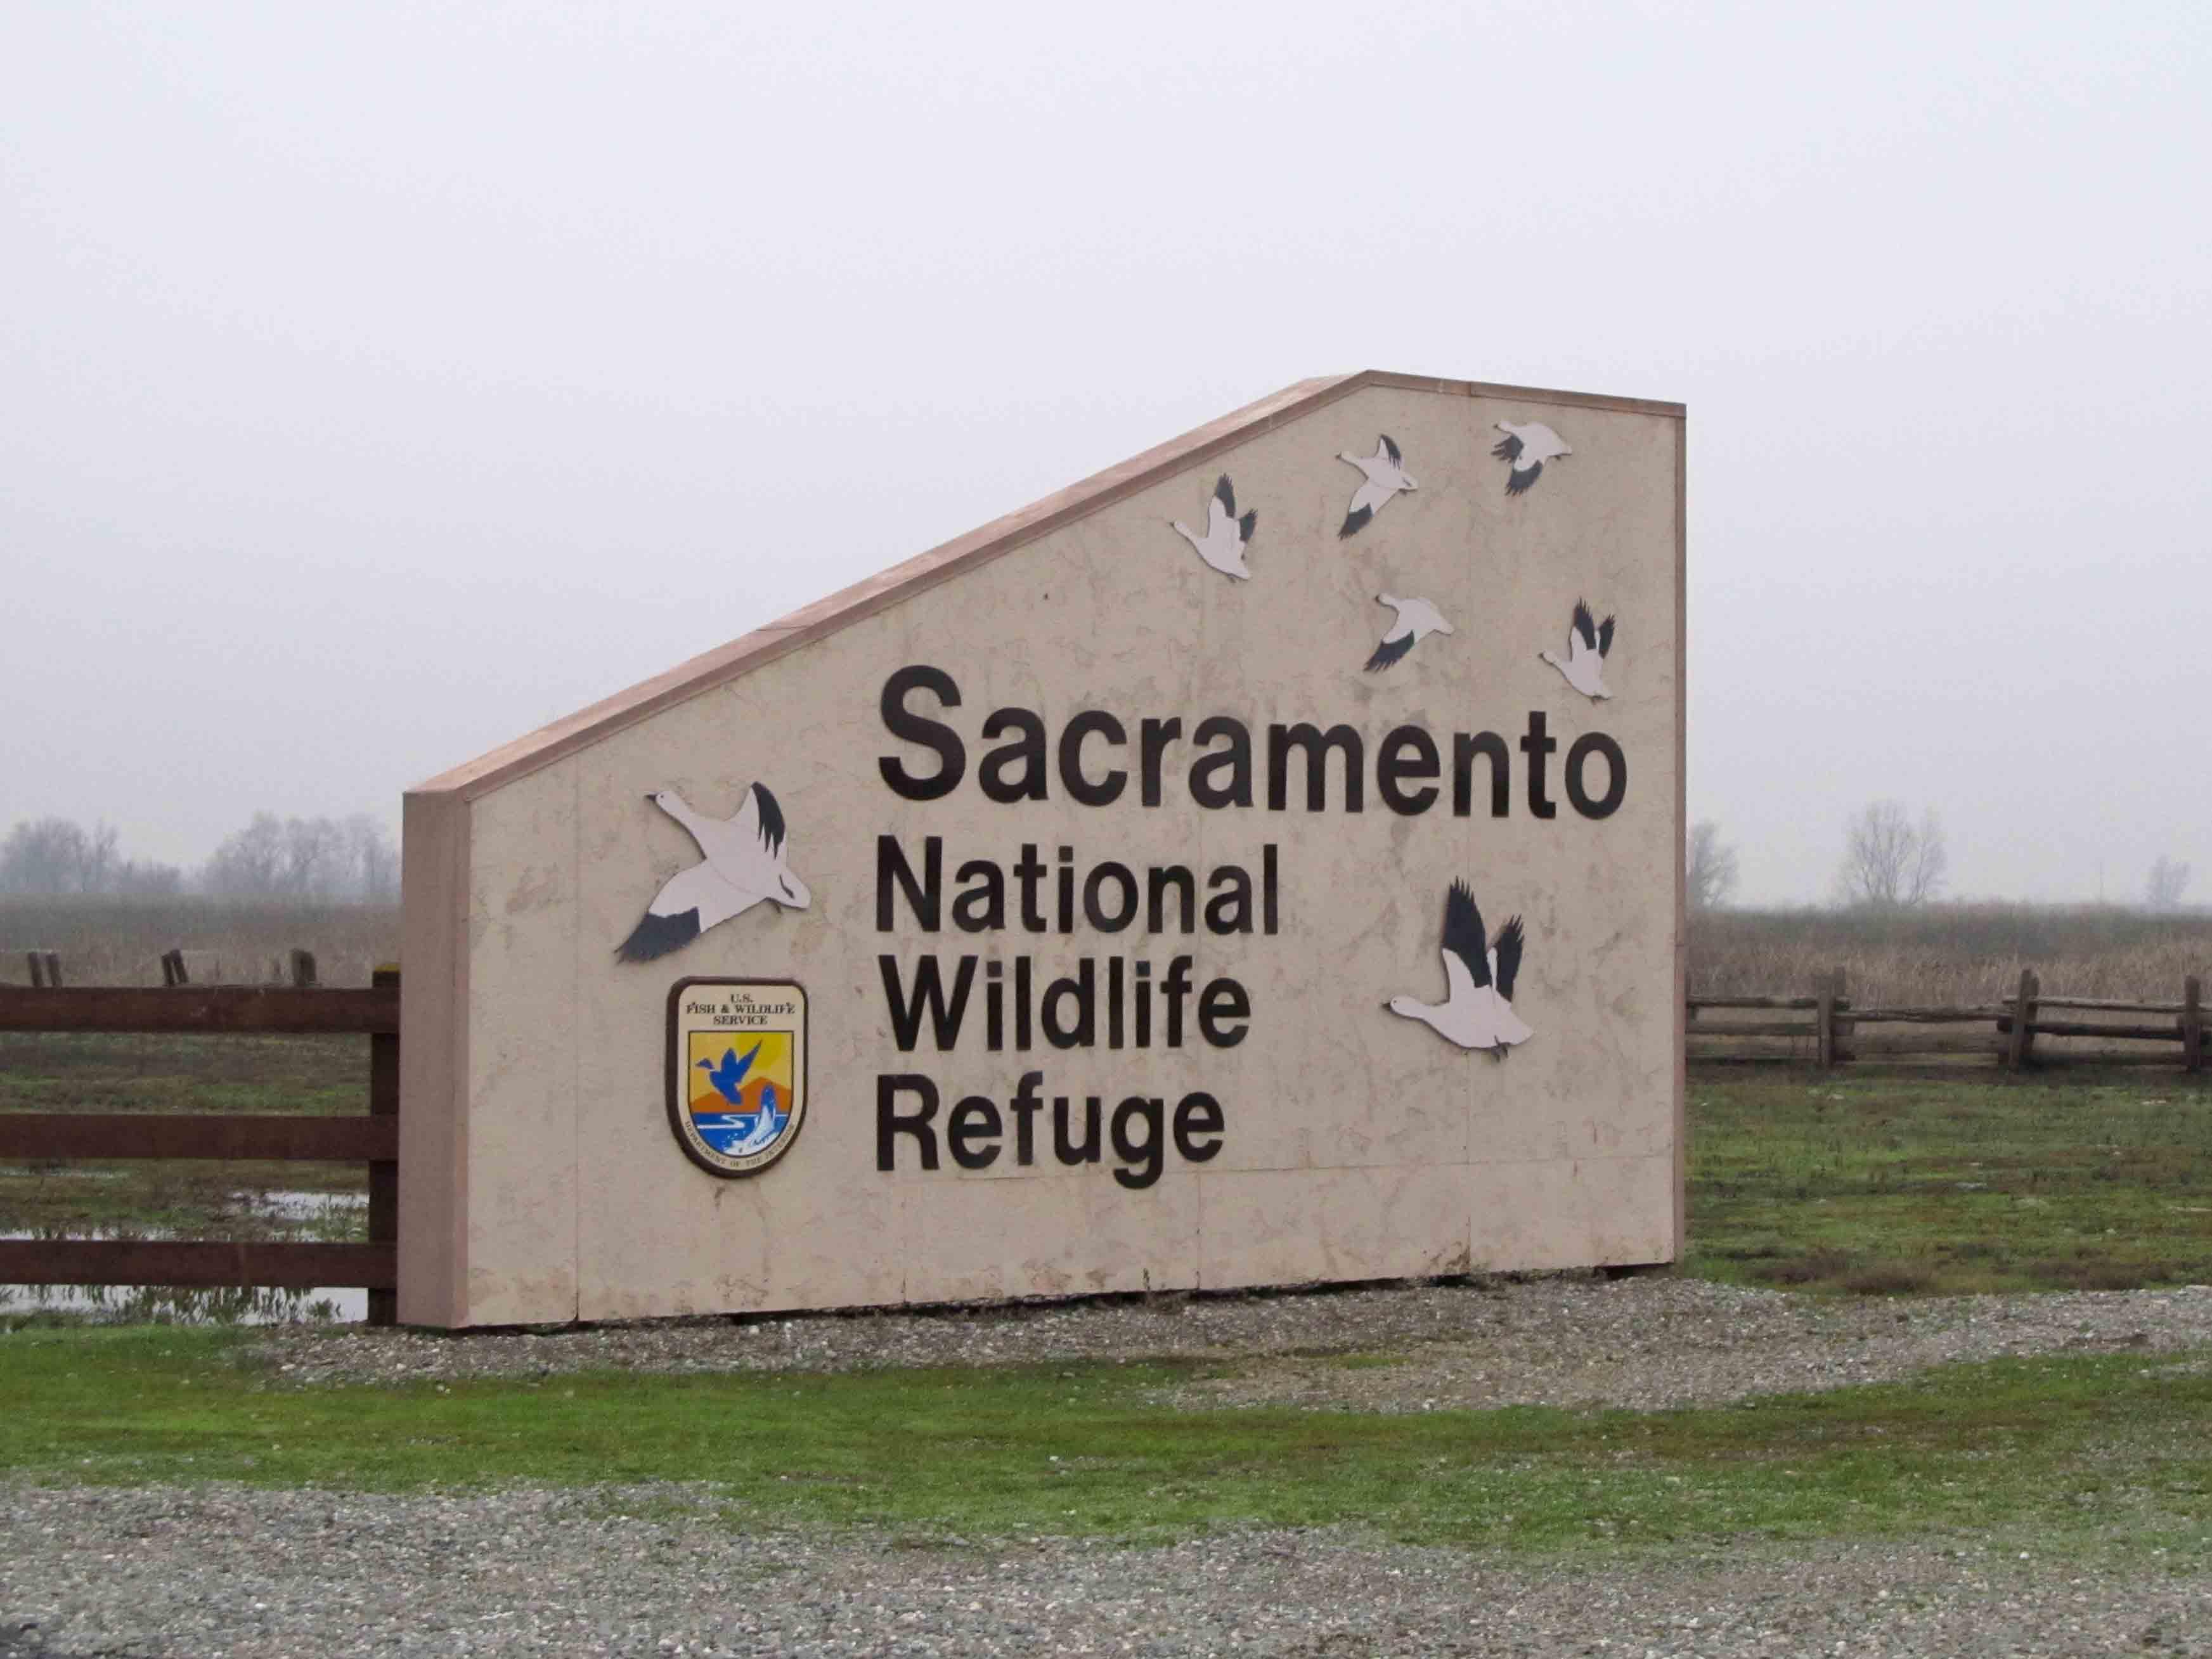 Sacramento NWR